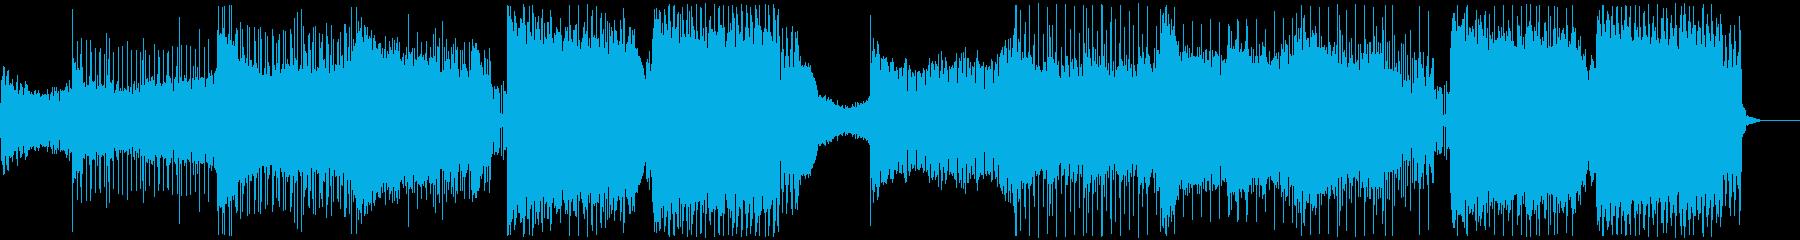 疾走感のあるキレイめな盛り上がるEDMの再生済みの波形